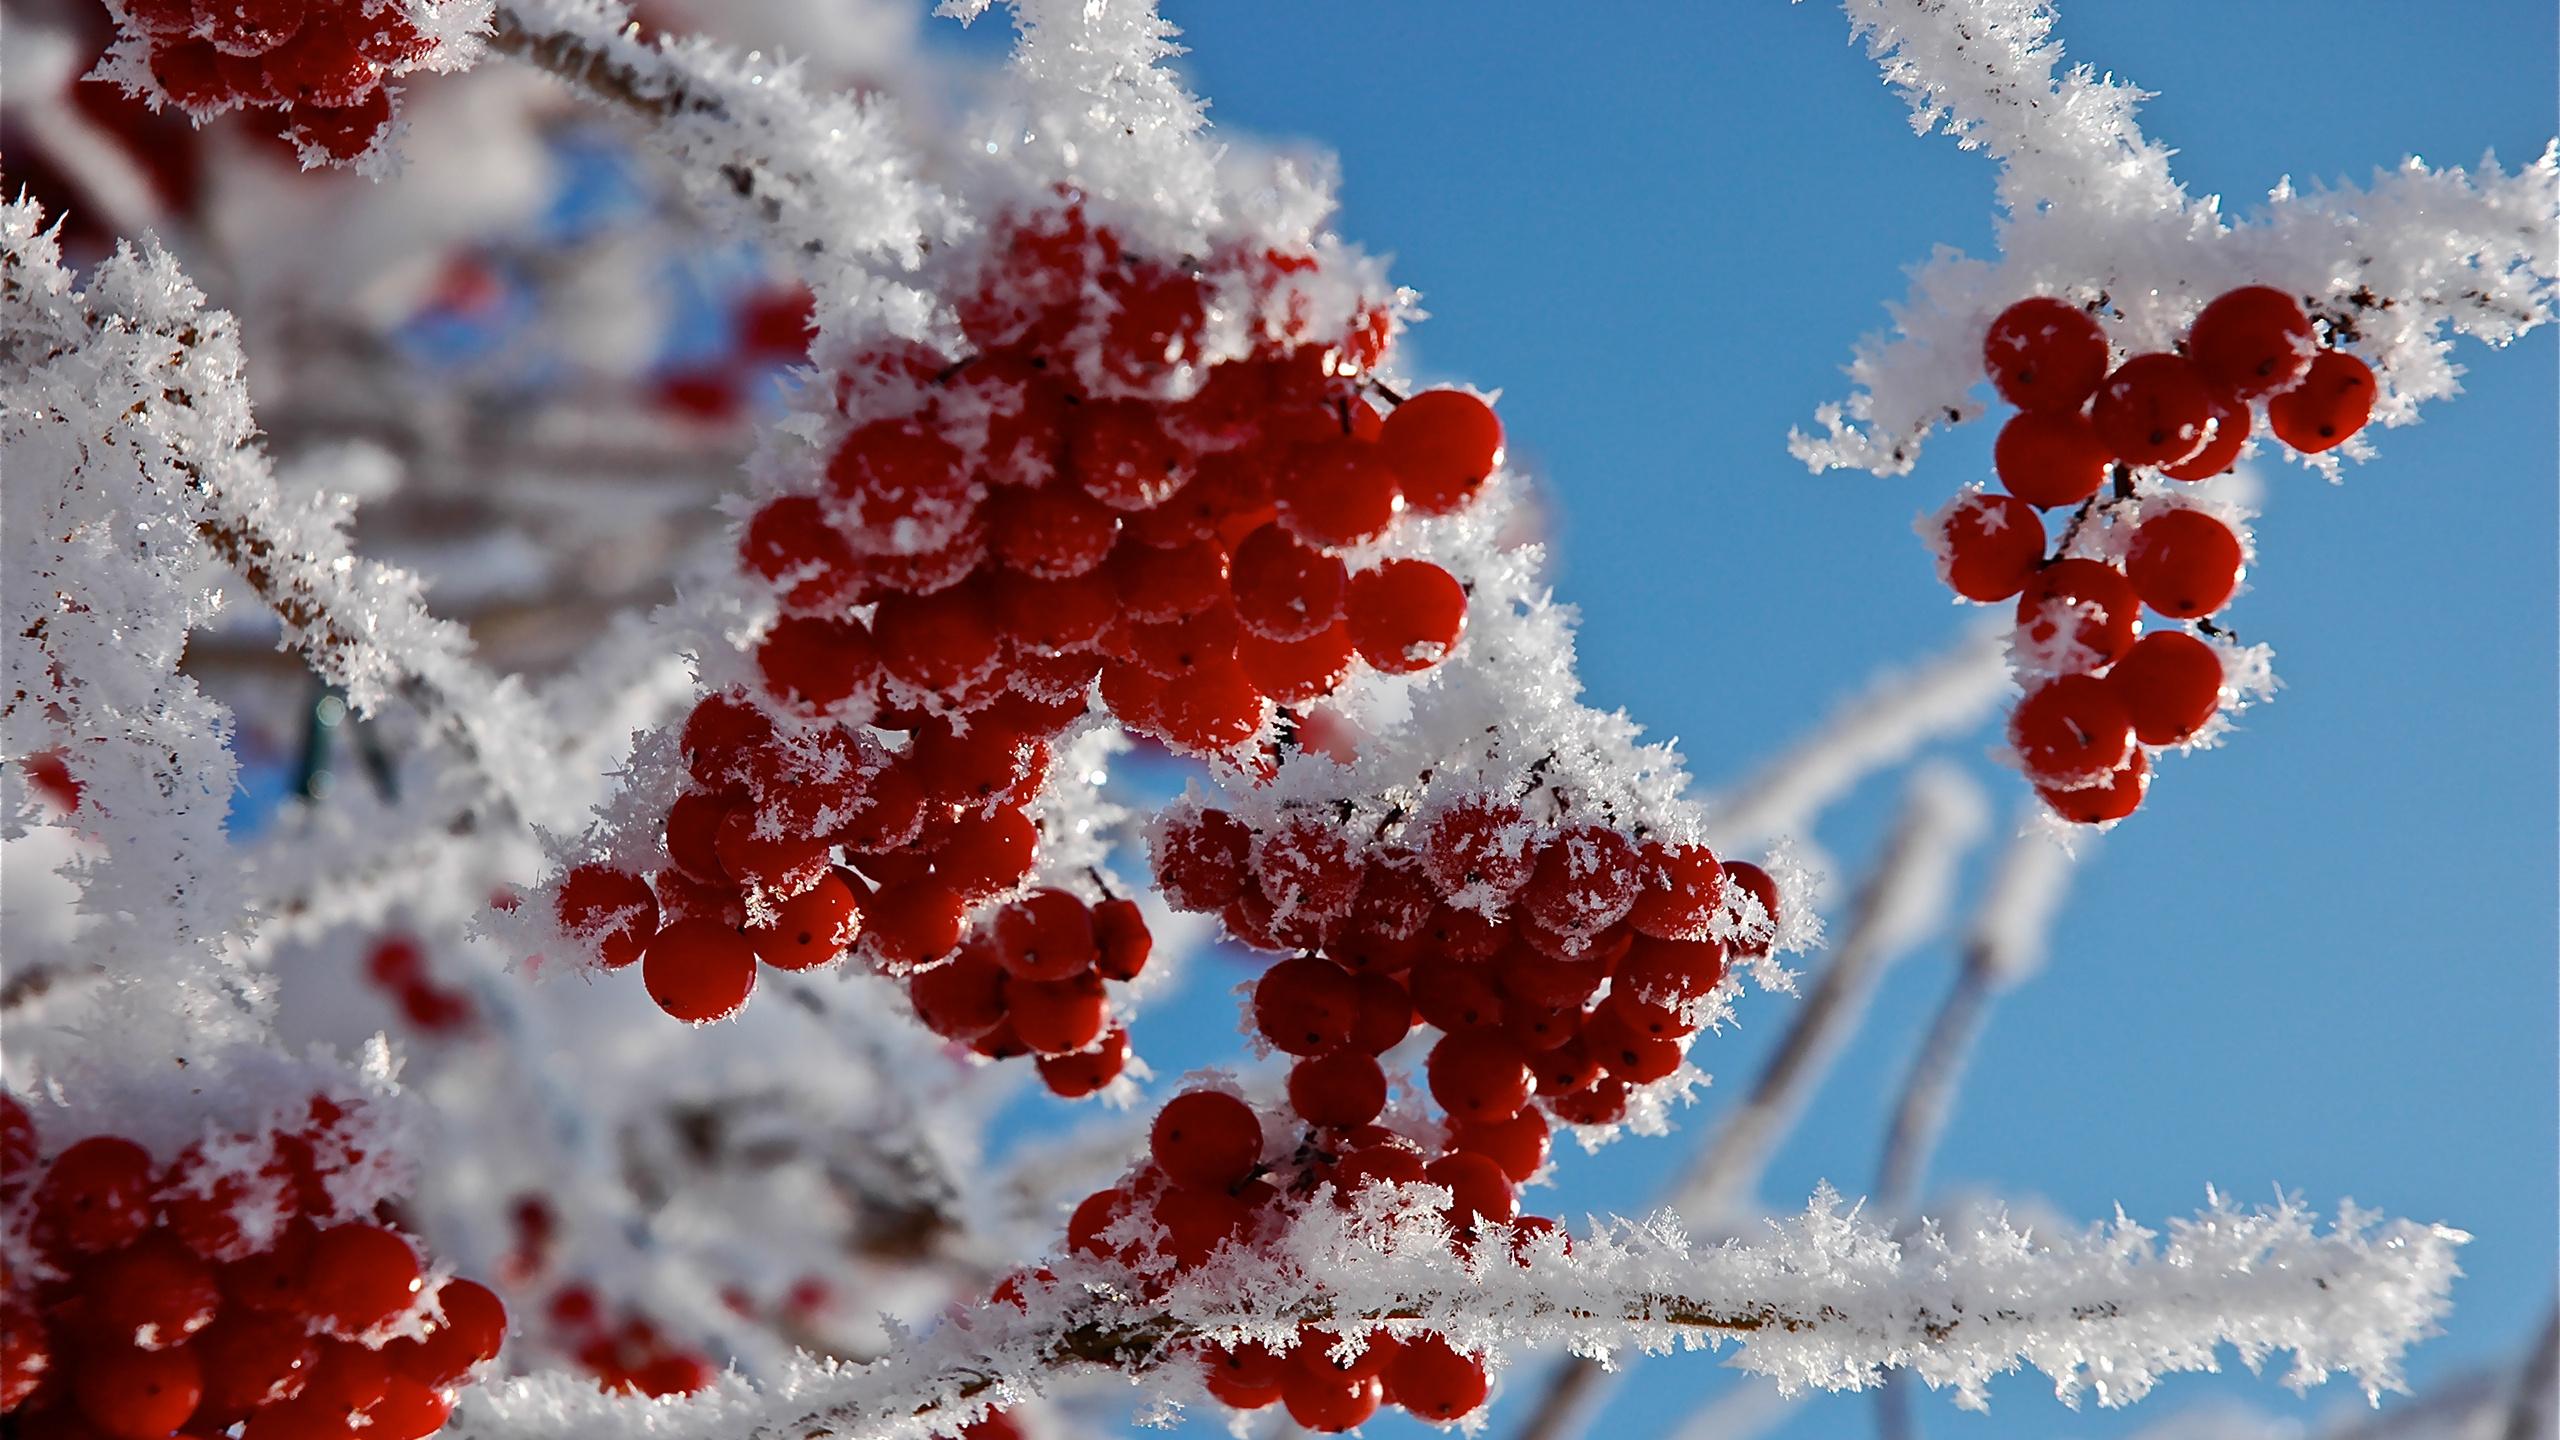 Ягоды макро иней снег ветки